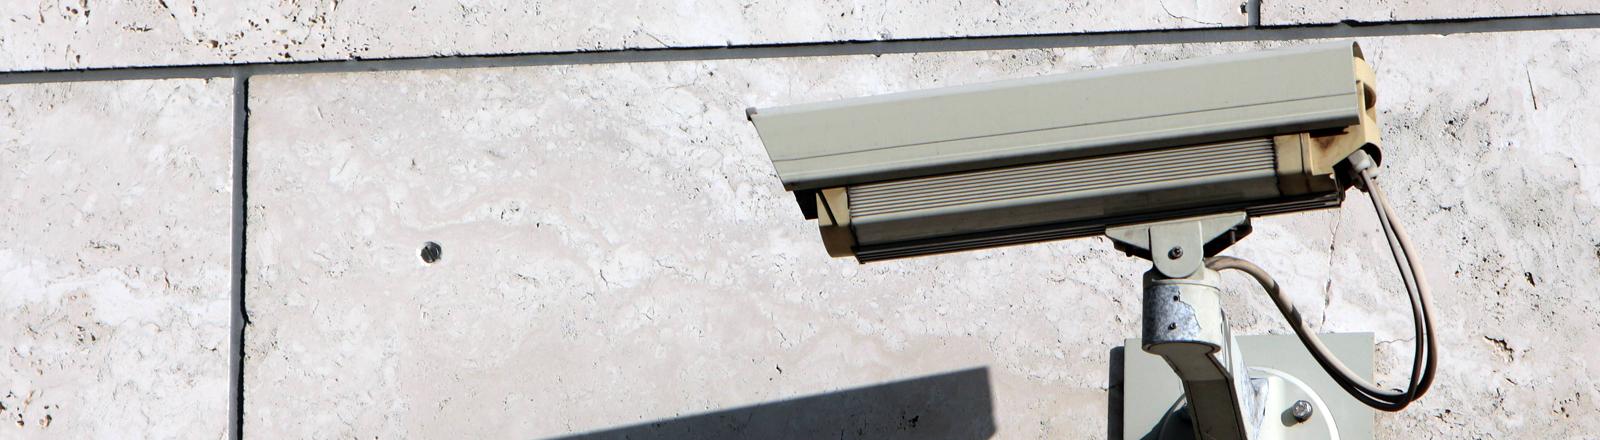 Eine Überwachungskamera an einem Gebäude in Berlin